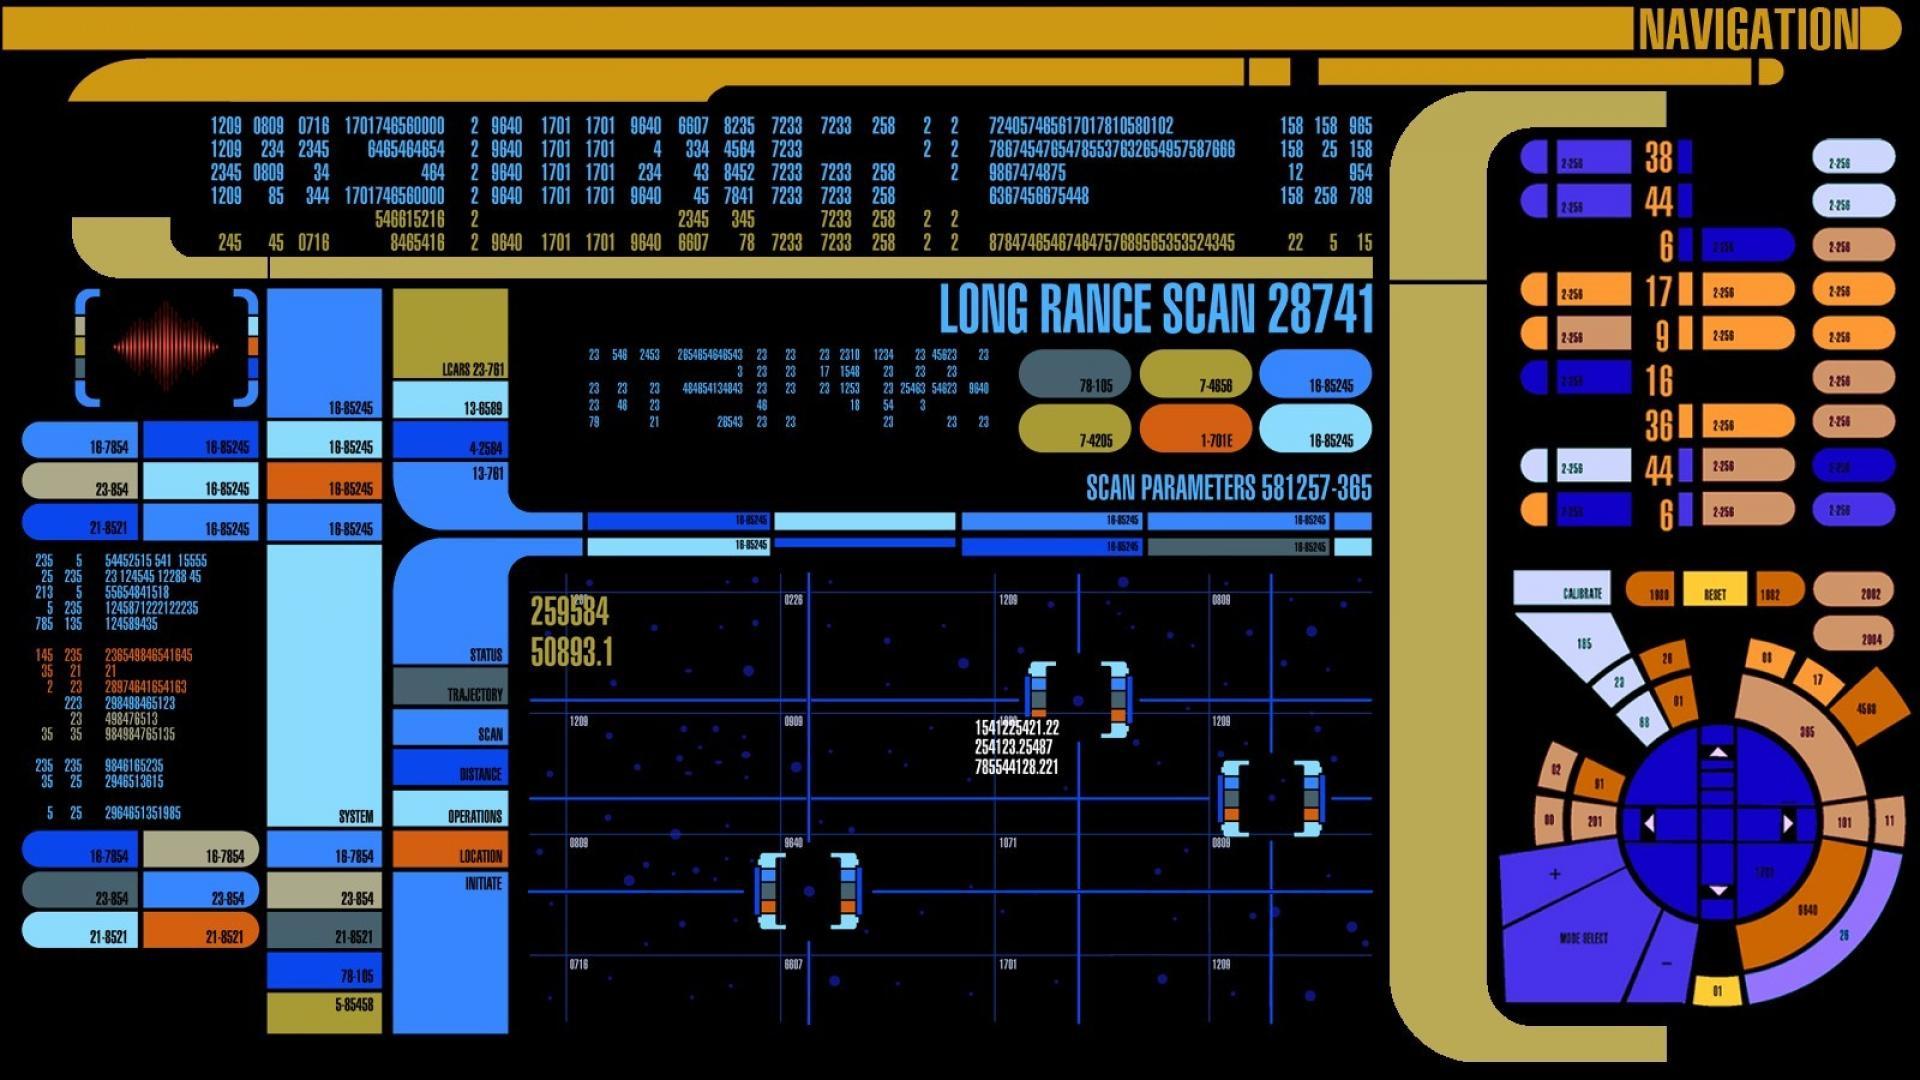 Star Trek LCARS Wallpaper - WallpaperSafari Computer Science Wallpaper 1920x1080